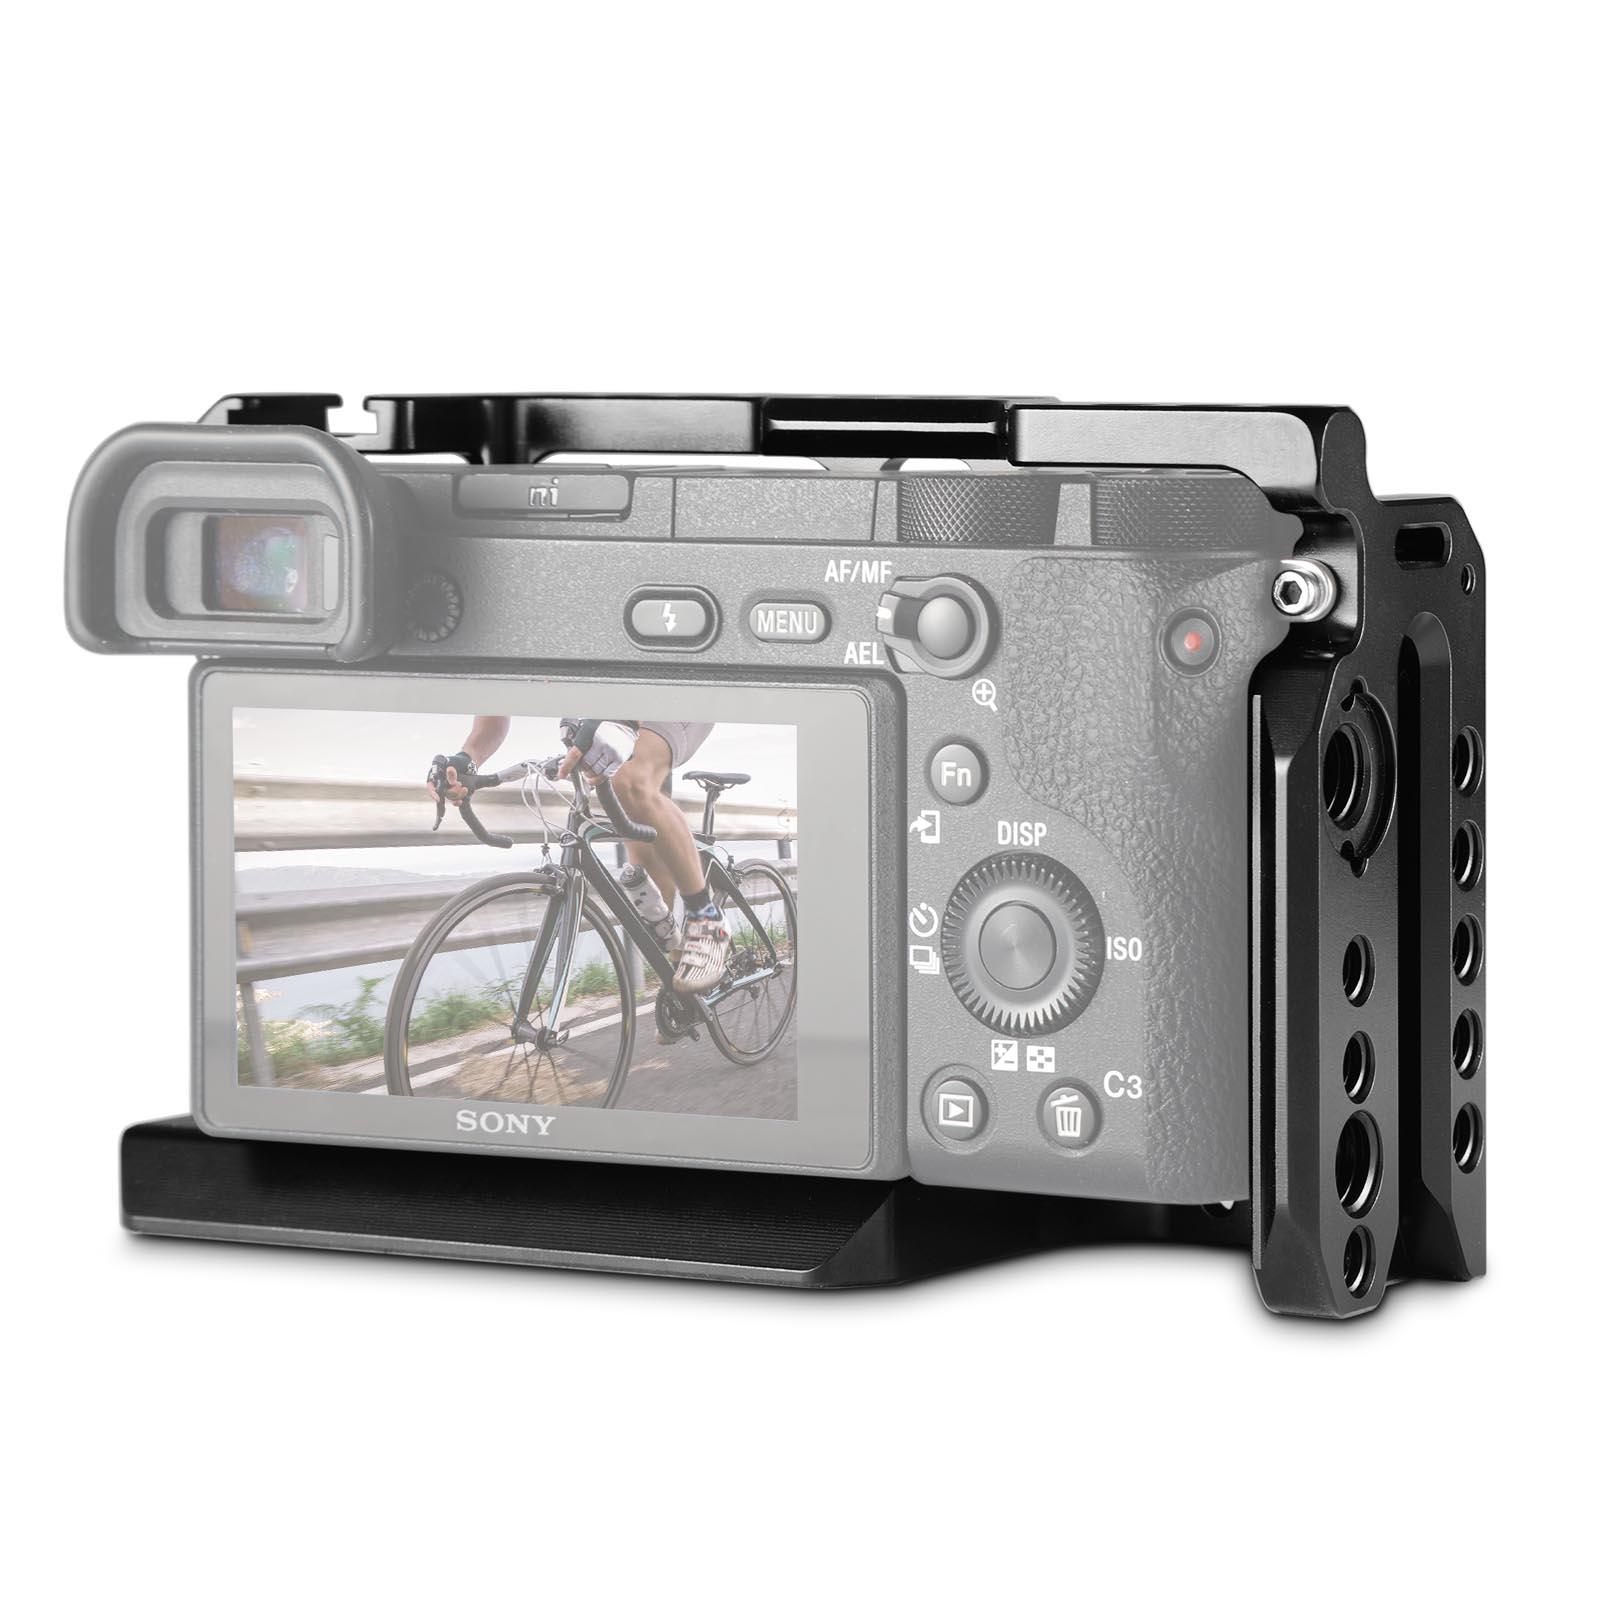 SmallRig Dslr Rig Cage pour Sony A6500/A6300 Caméra En Alliage D'aluminium Cage W/Arca Suisse QR plaque (mise à niveau version) -1889 - 3